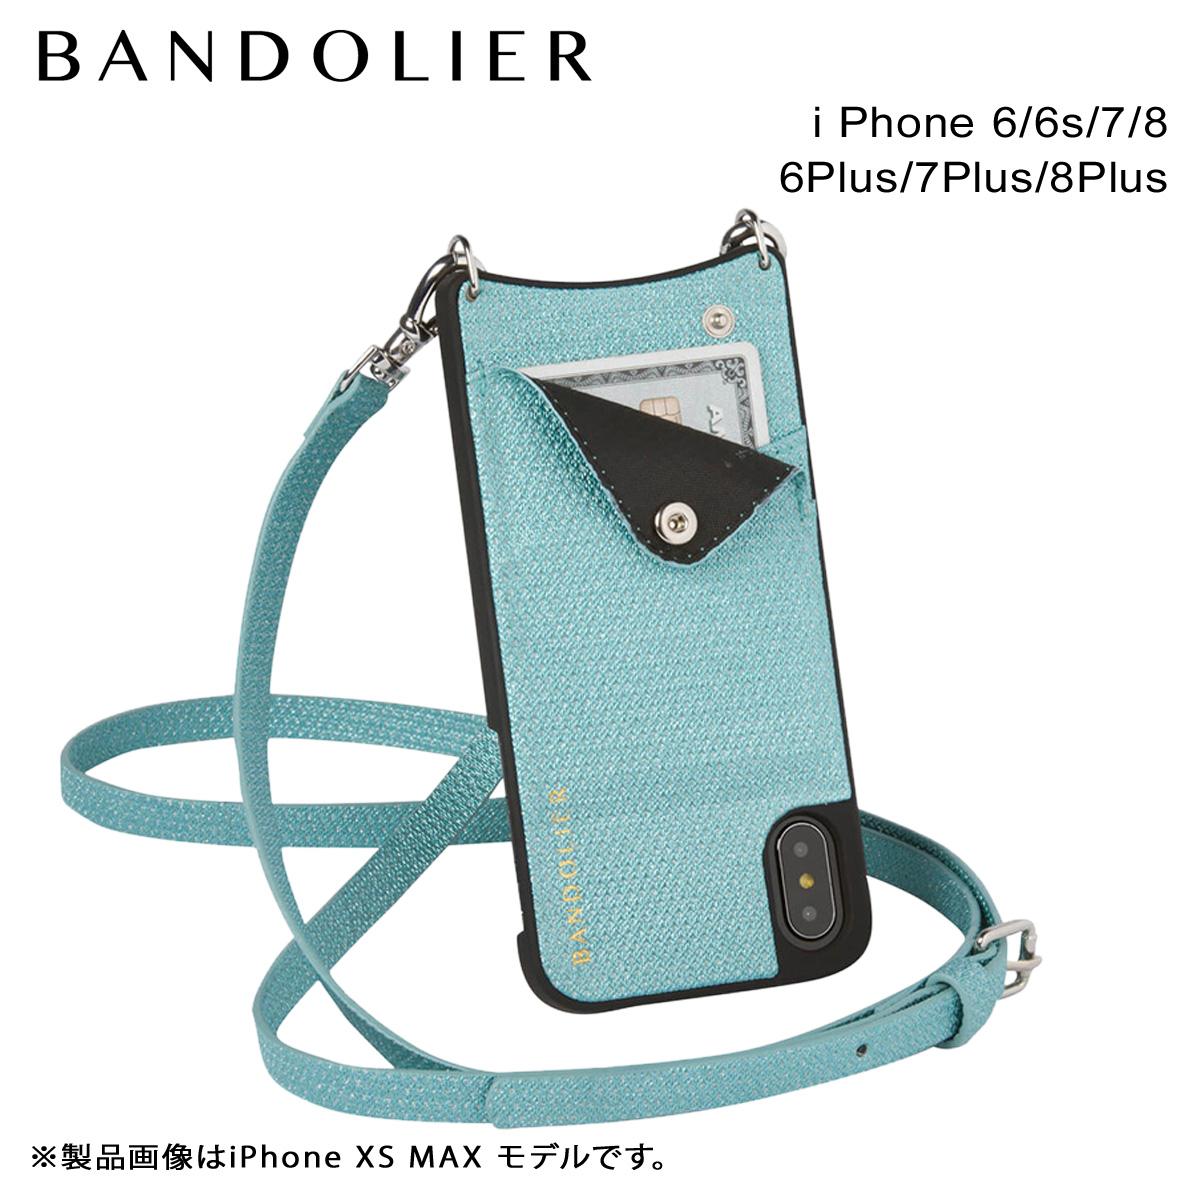 【最大2000円OFFクーポン配布】 BANDOLIER バンドリヤー iPhone8 iPhone7 7Plus 6s ケース スマホ アイフォン プラス EMMA GREEN SPARKLE メンズ レディース グリーン